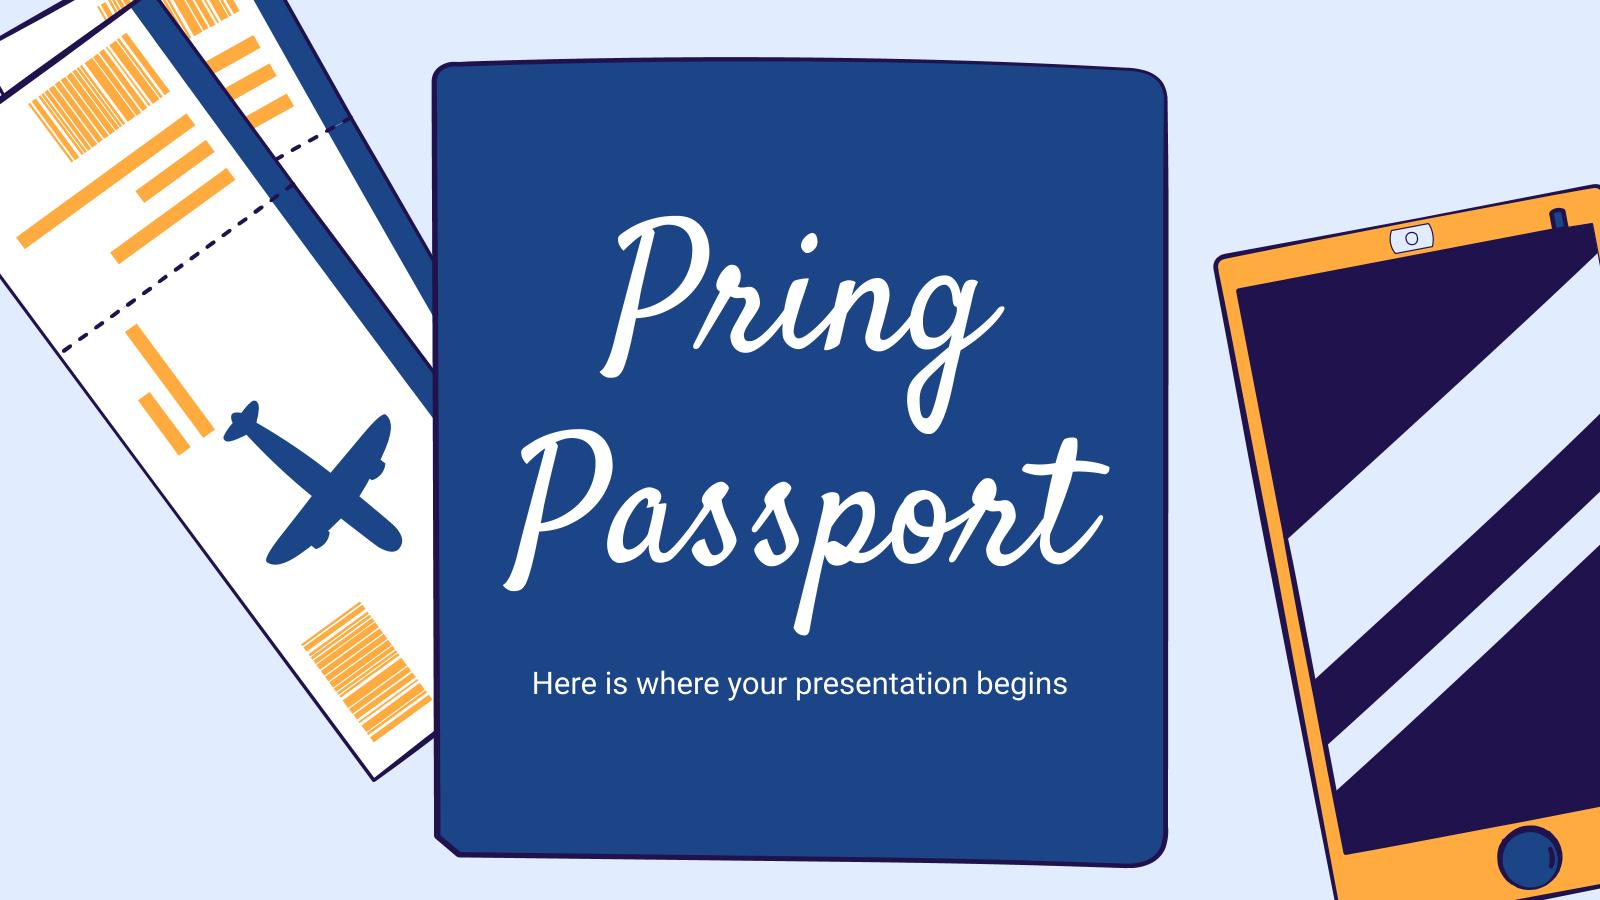 Plantilla de presentación Pasaporte Pring